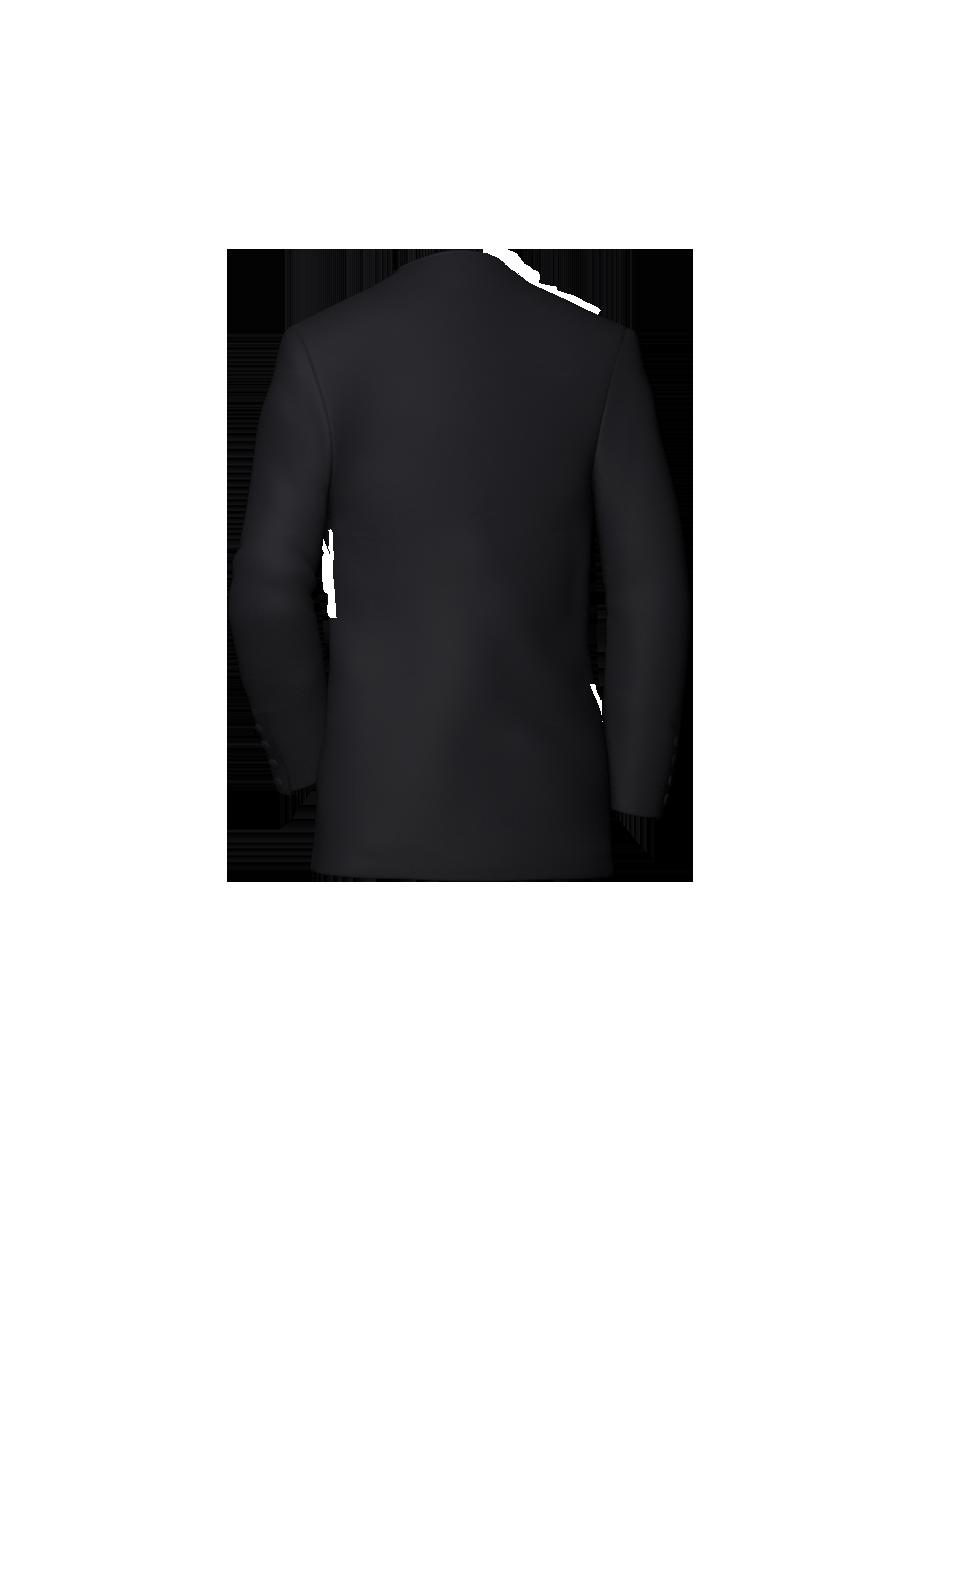 Suit clipart black blazer. Design your own tuxedo